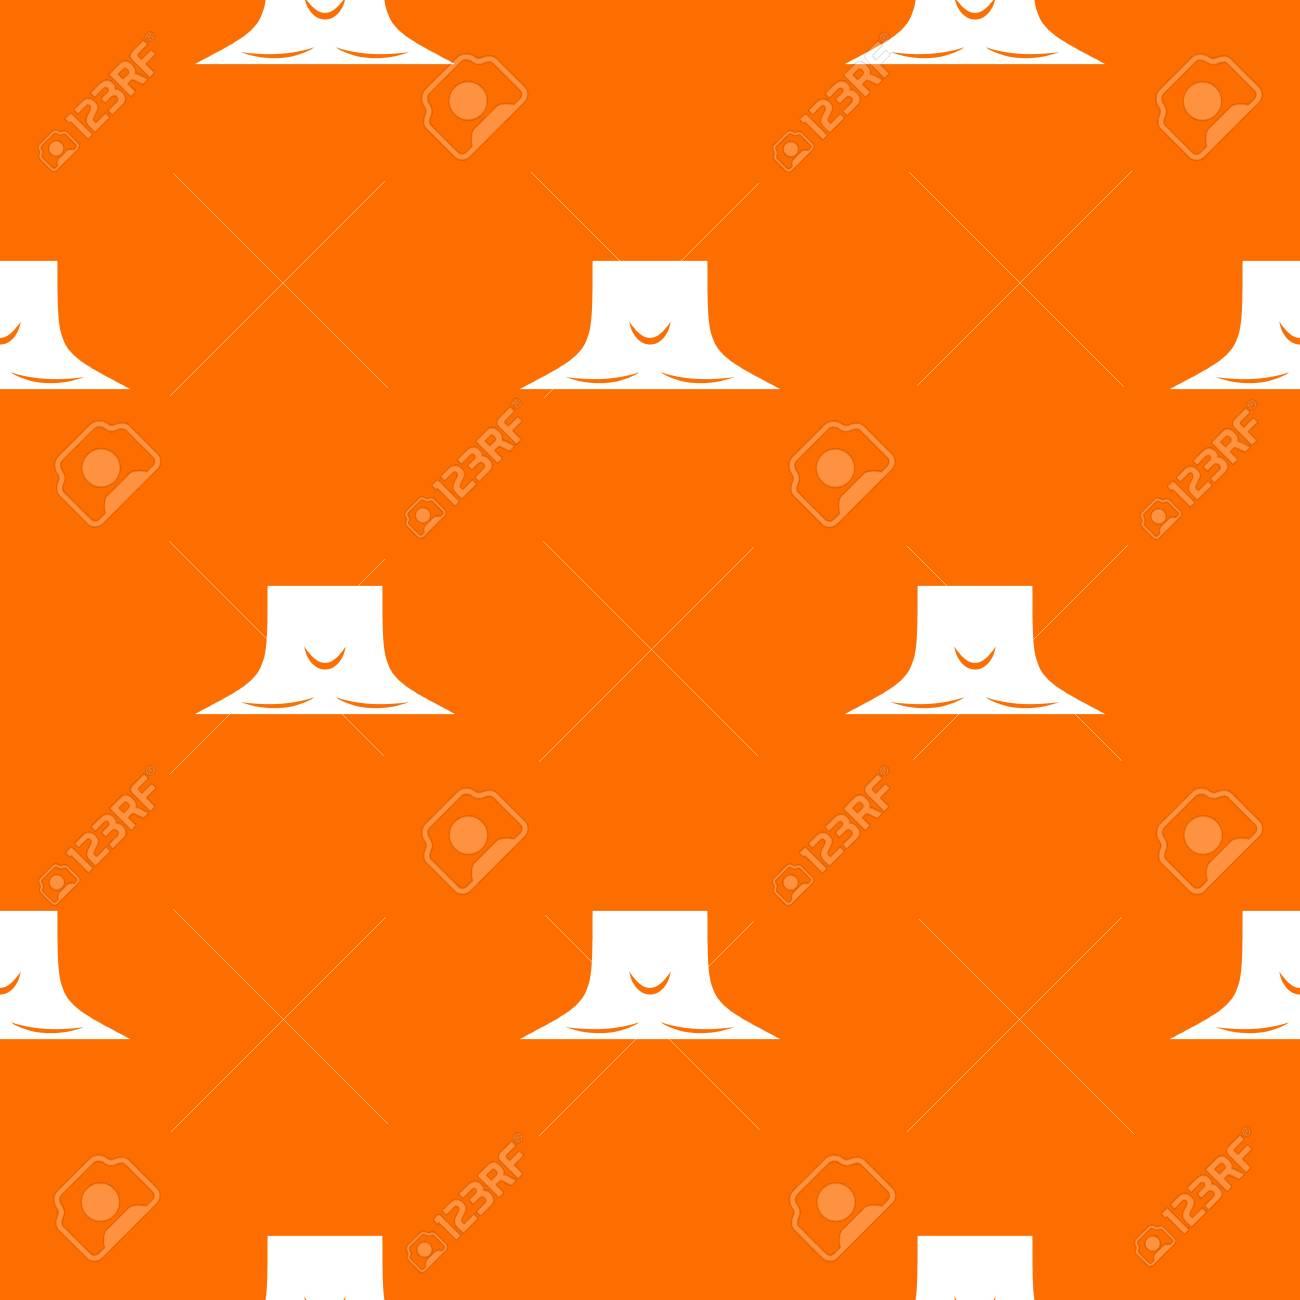 Encantador Anatomía De Una Naranja Bandera - Imágenes de Anatomía ...